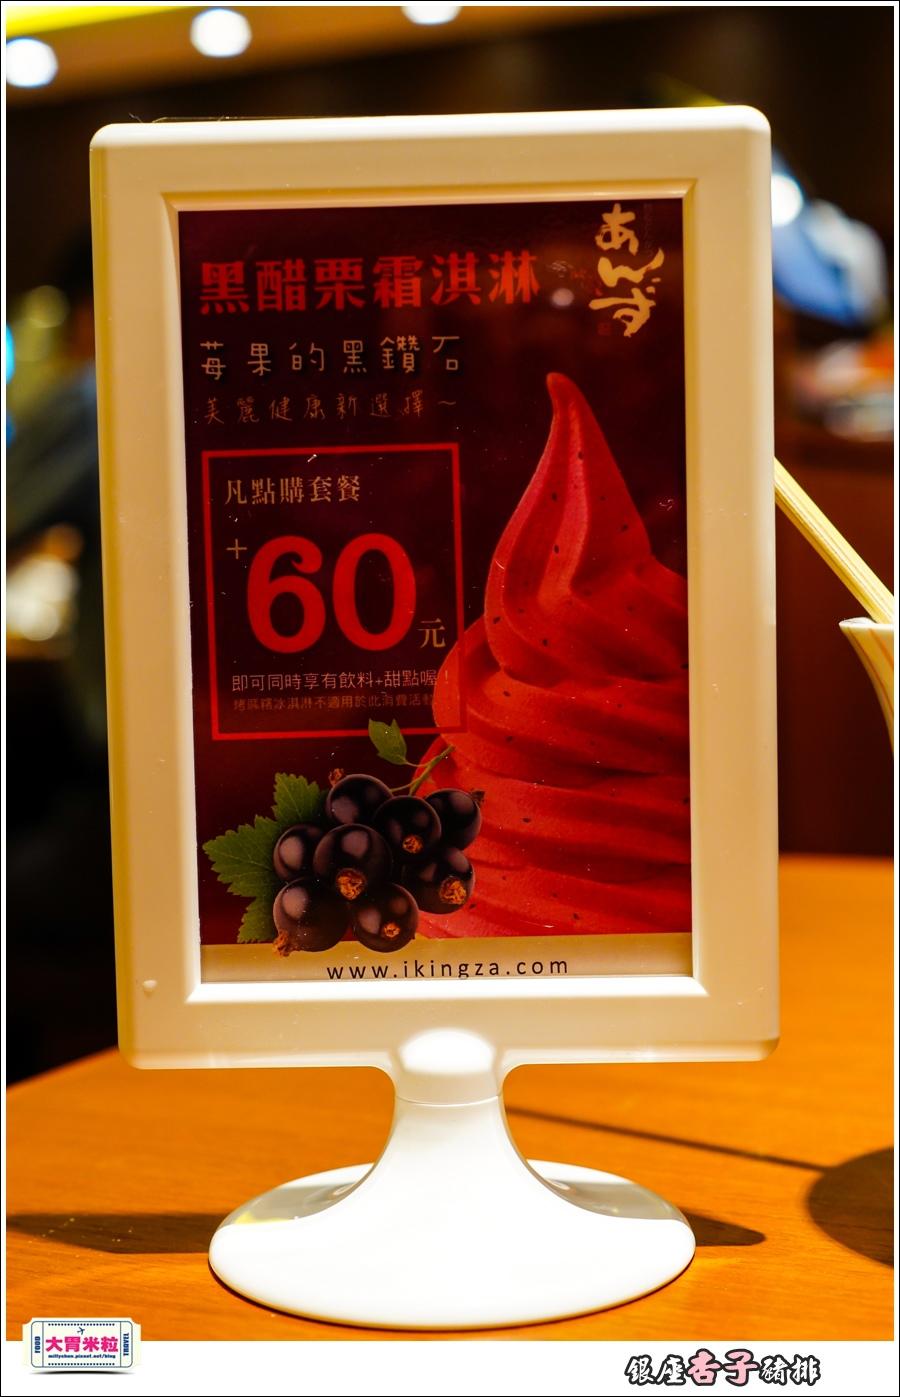 銀座杏子日式豬排(高雄左營店)@大胃米粒0061.jpg